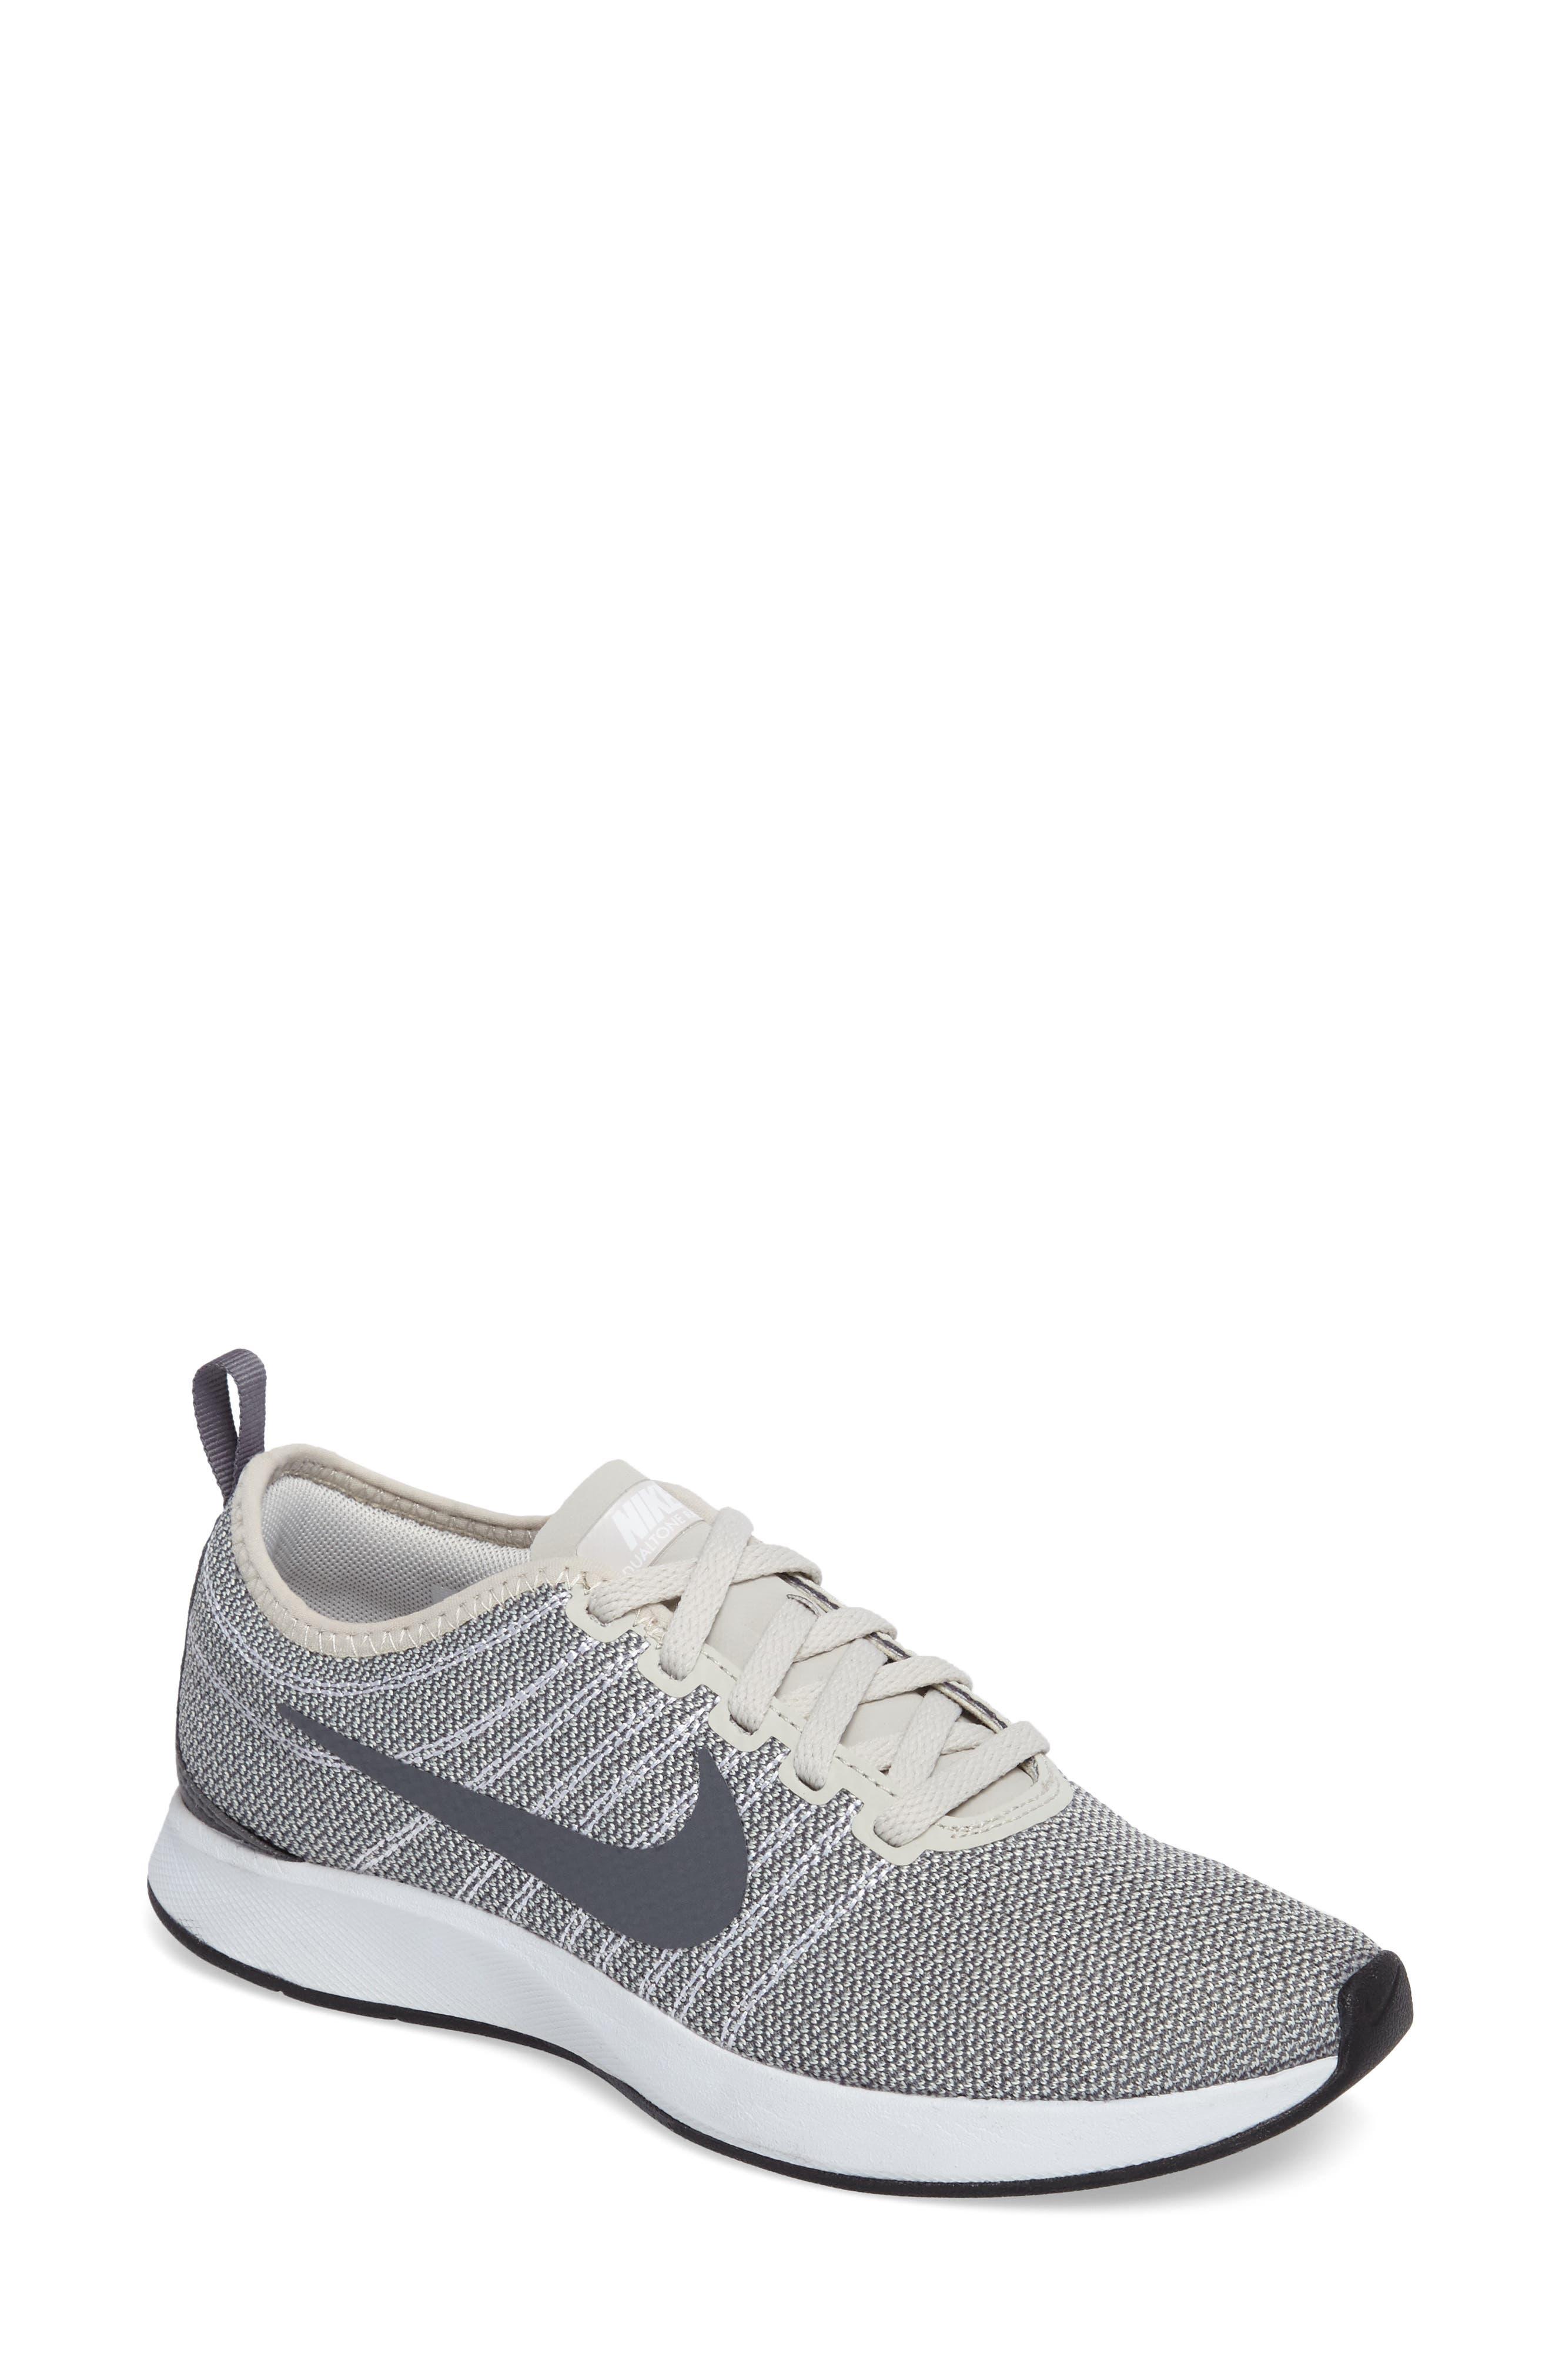 Main Image - Nike Dualtone Racer Running Shoe (Women)